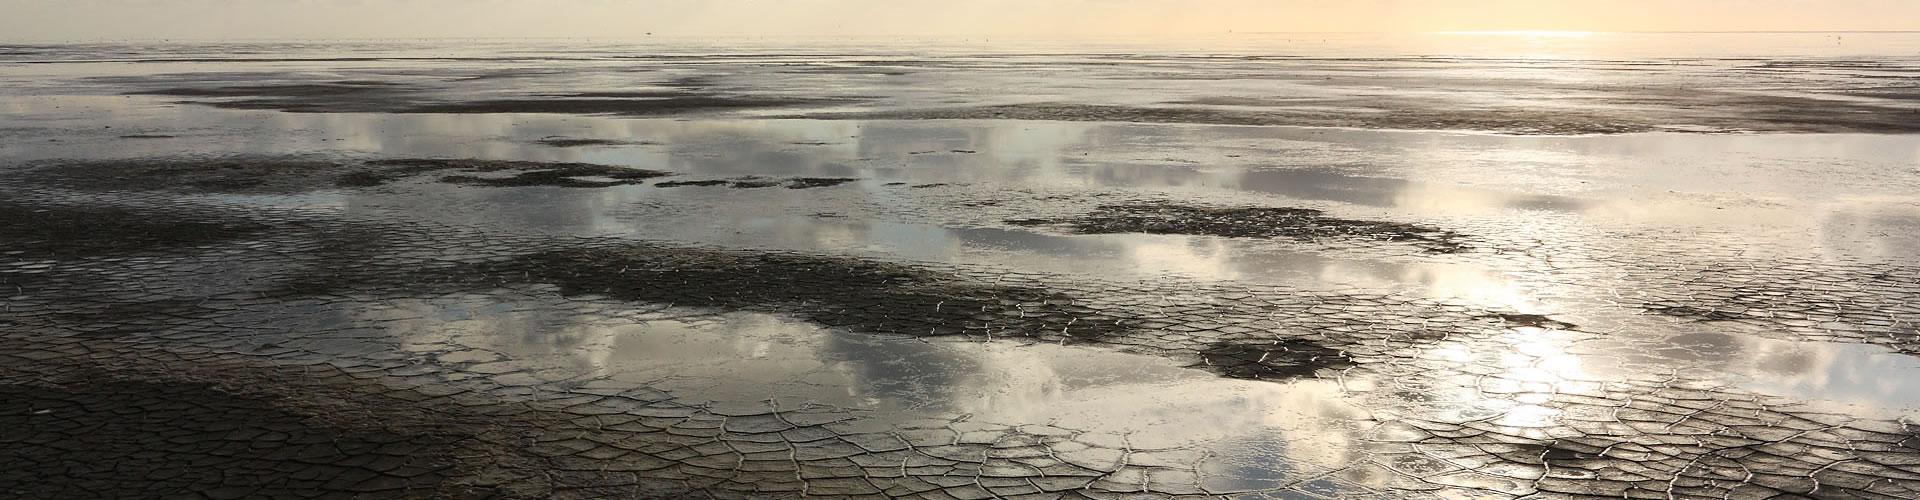 ساعات 24 على Wad: الإبحار والمشي الطيني